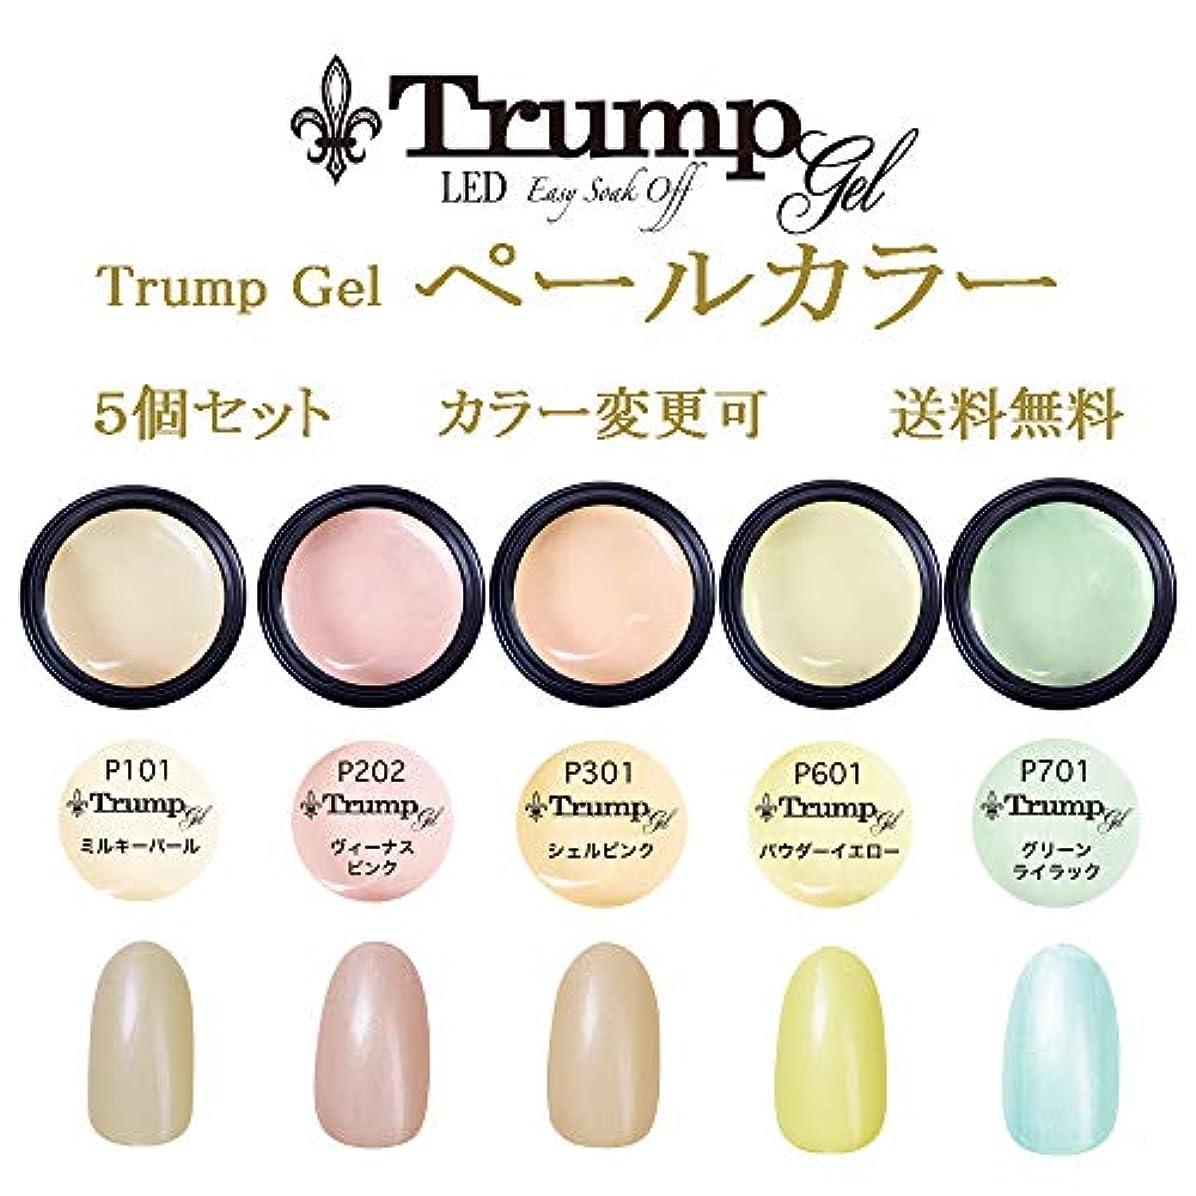 毒液コンパクトロック解除日本製 Trump gel トランプジェル ペールカラー 選べる カラージェル 5個セット パール イエロー ベージュ ピンク ブルー